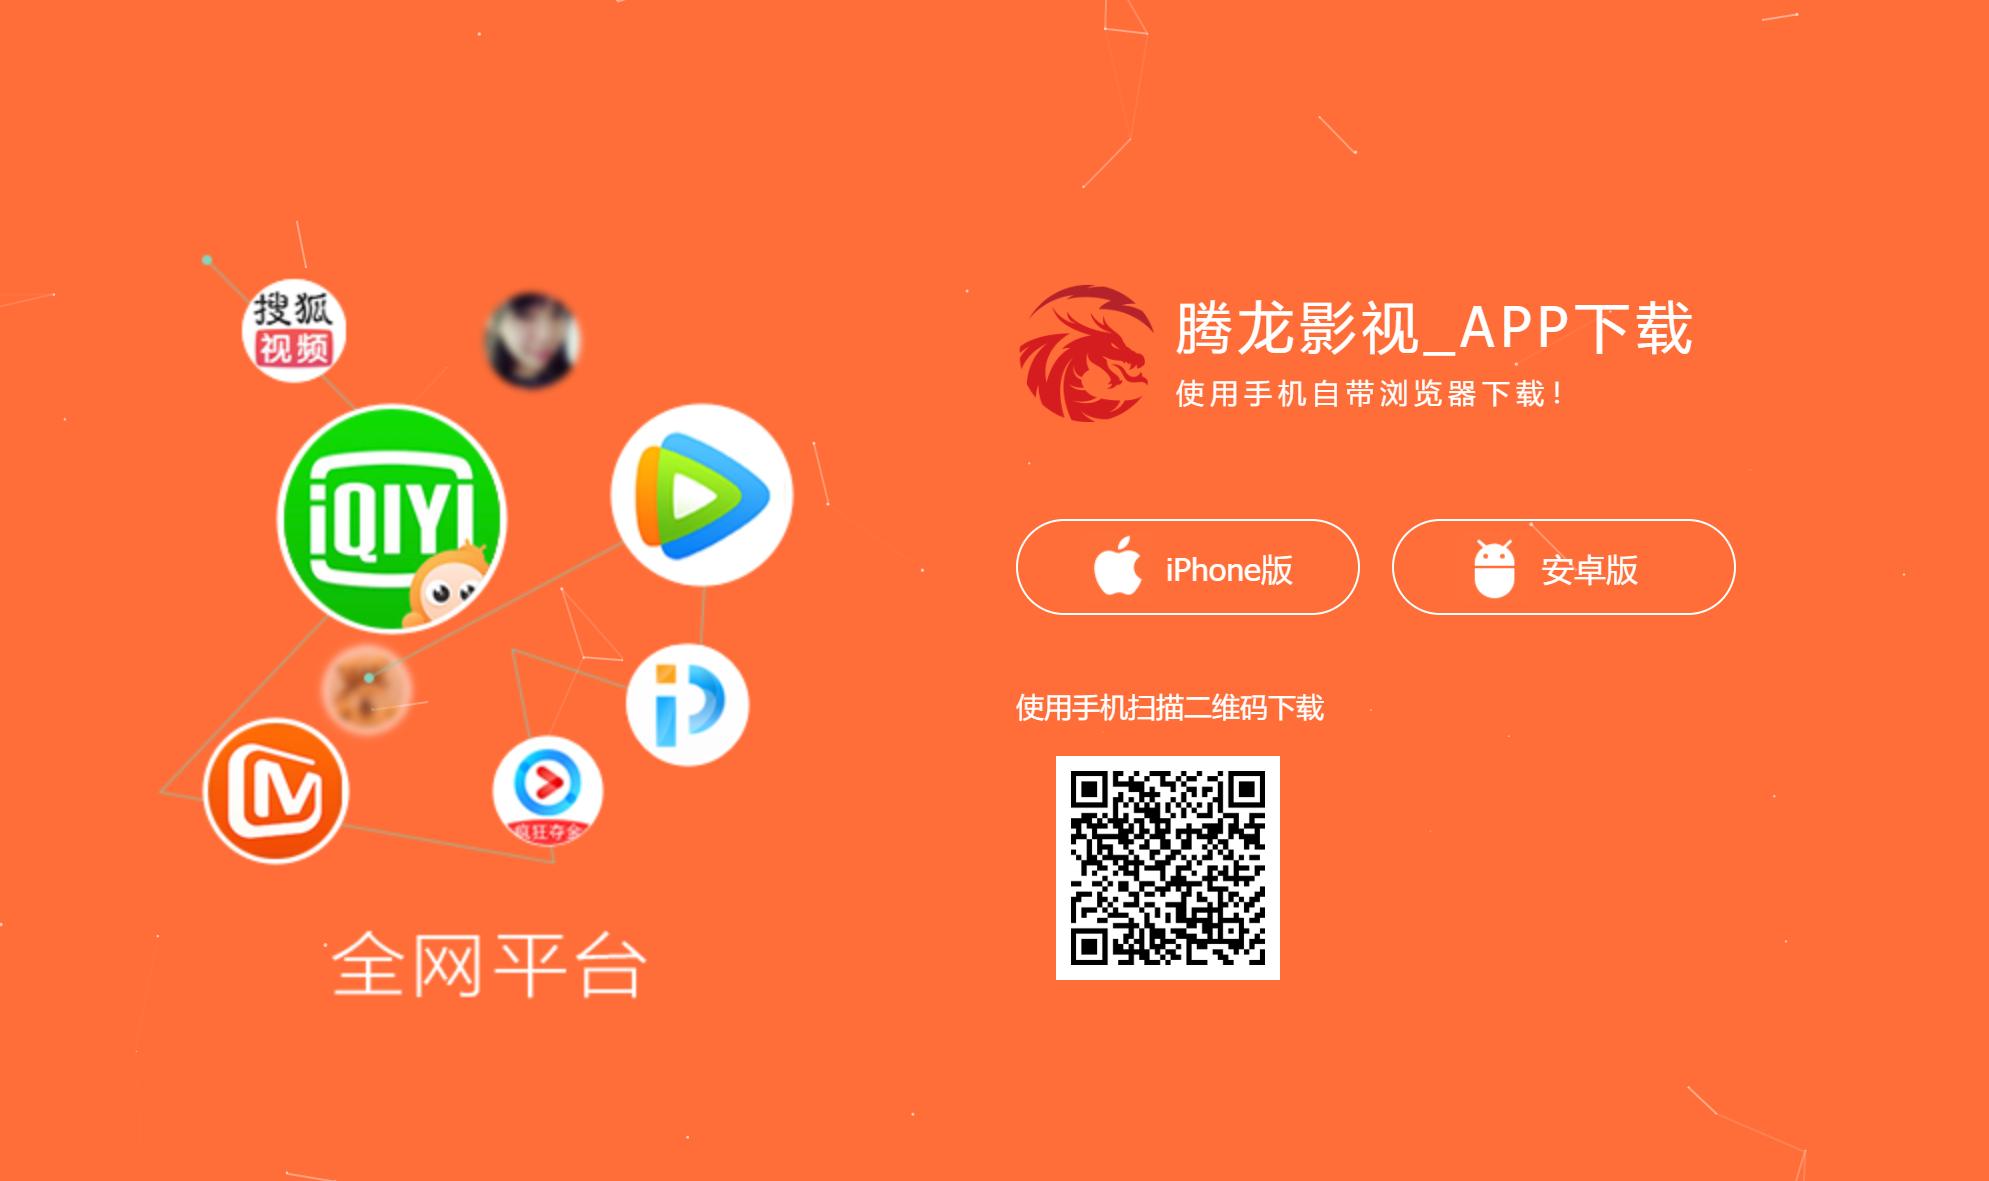 【腾龙影视】全网VIP视频免费看【安卓/ios】